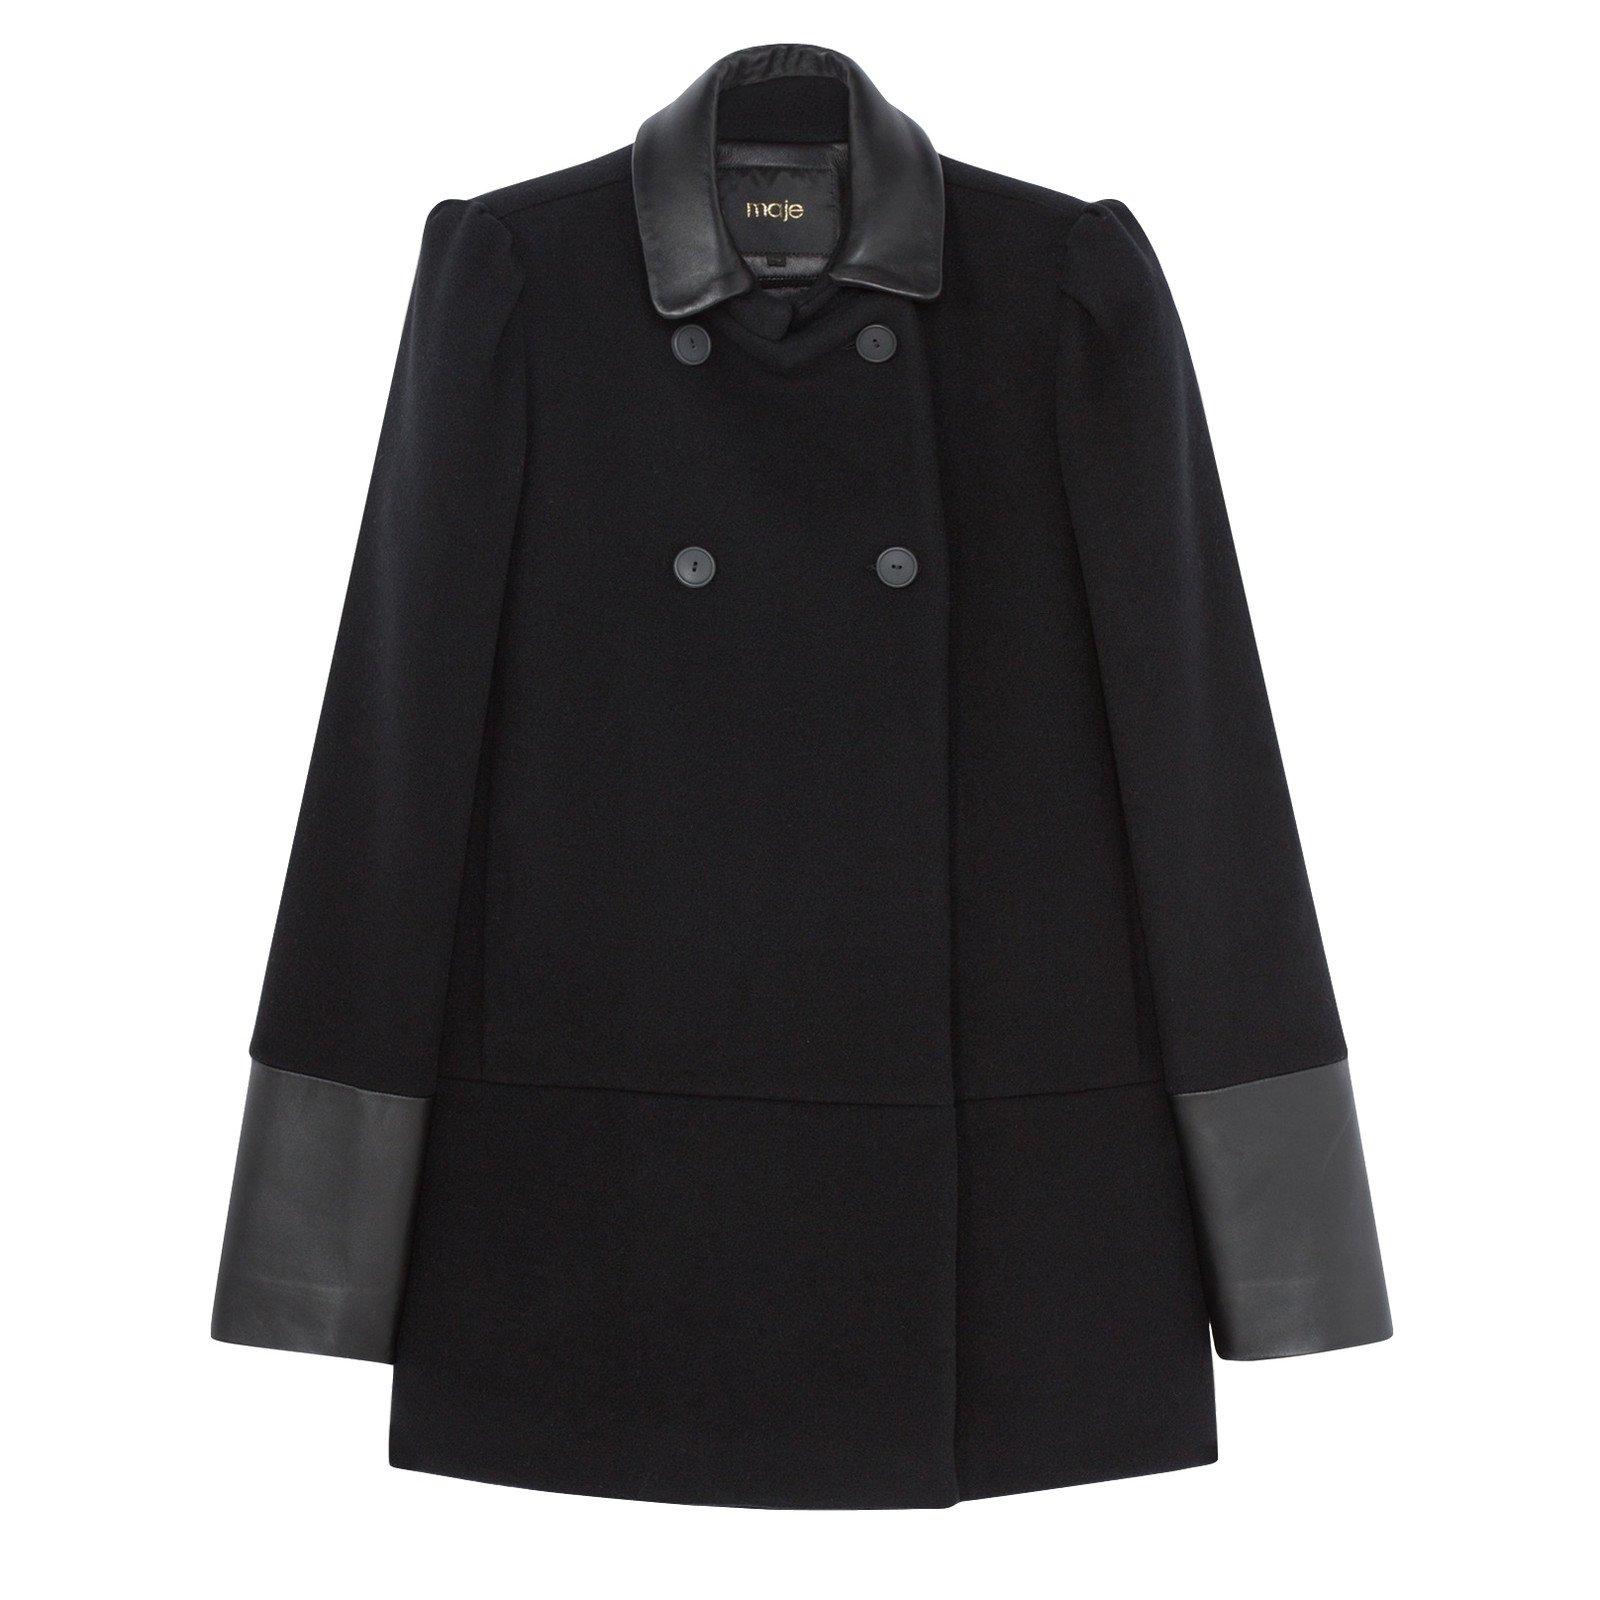 manteaux maje manteau laine noir joli closet. Black Bedroom Furniture Sets. Home Design Ideas